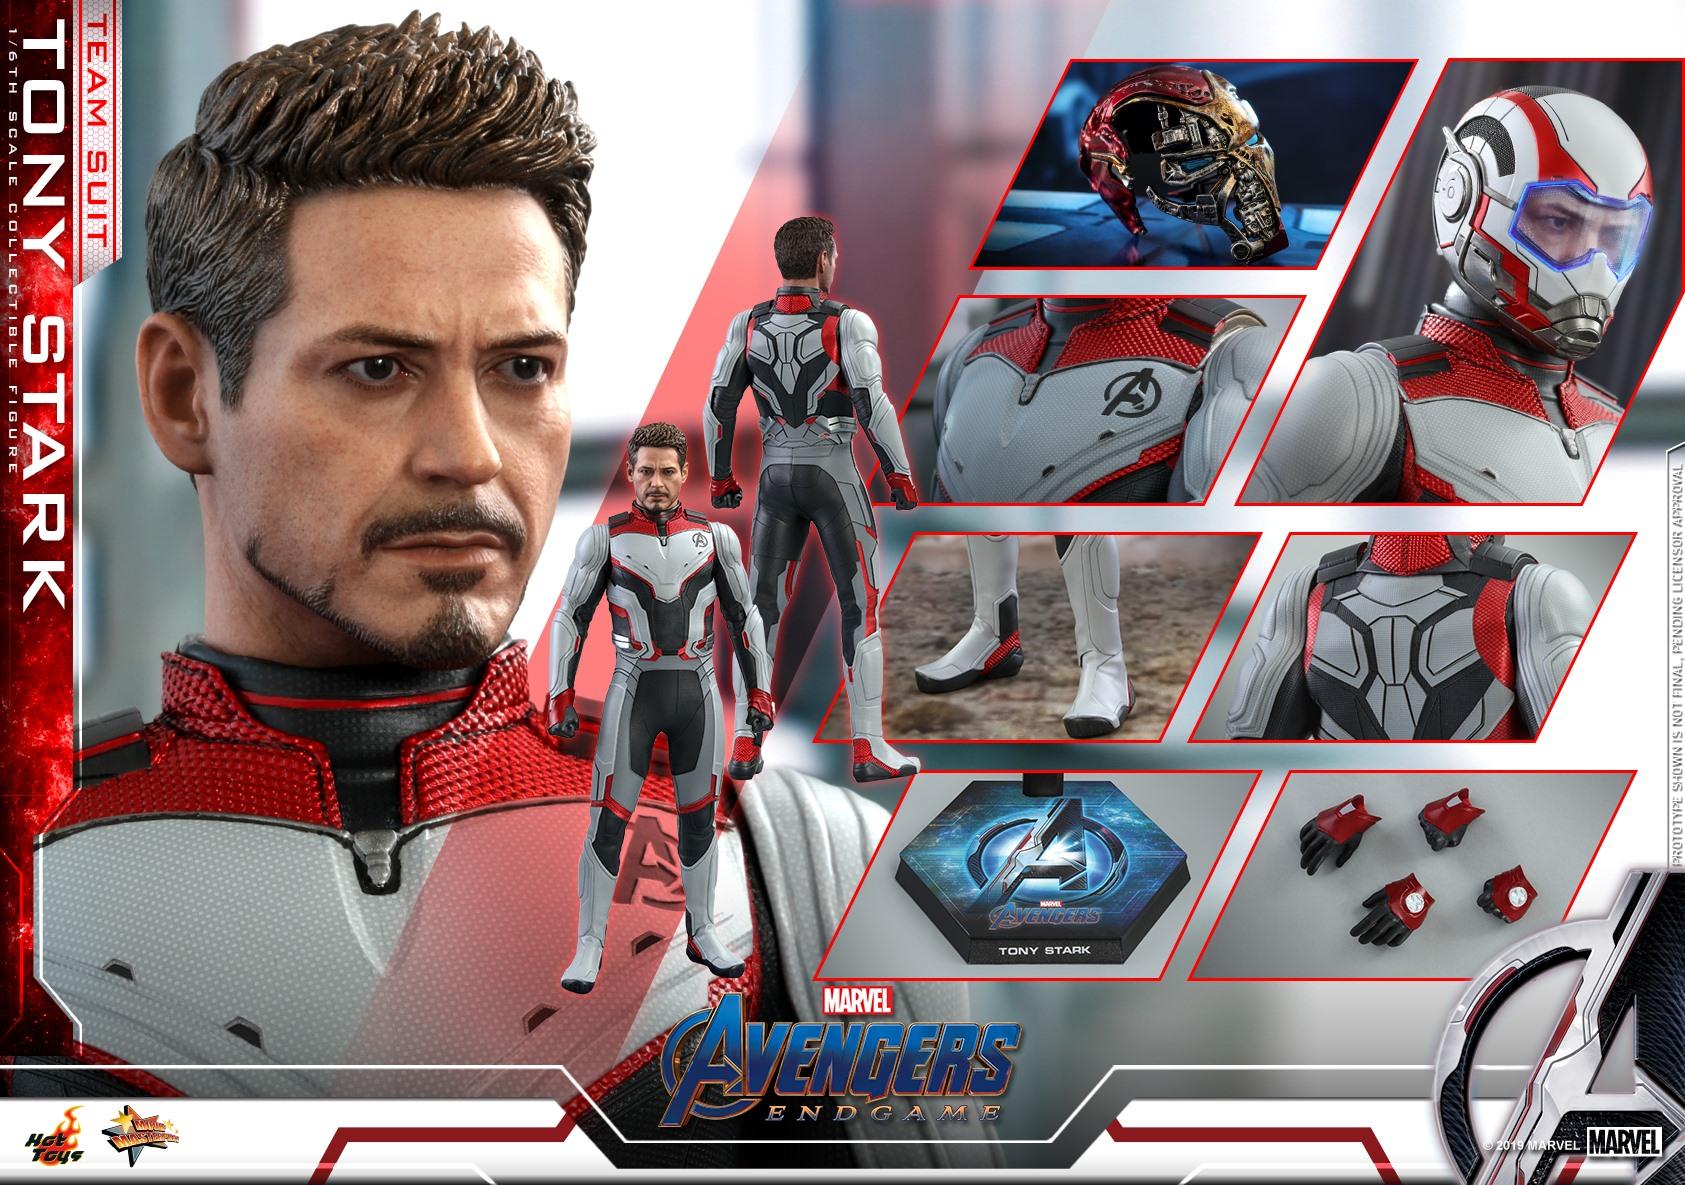 Hot Toys Shows Off Their AVENGERS: ENDGAME Tony Stark